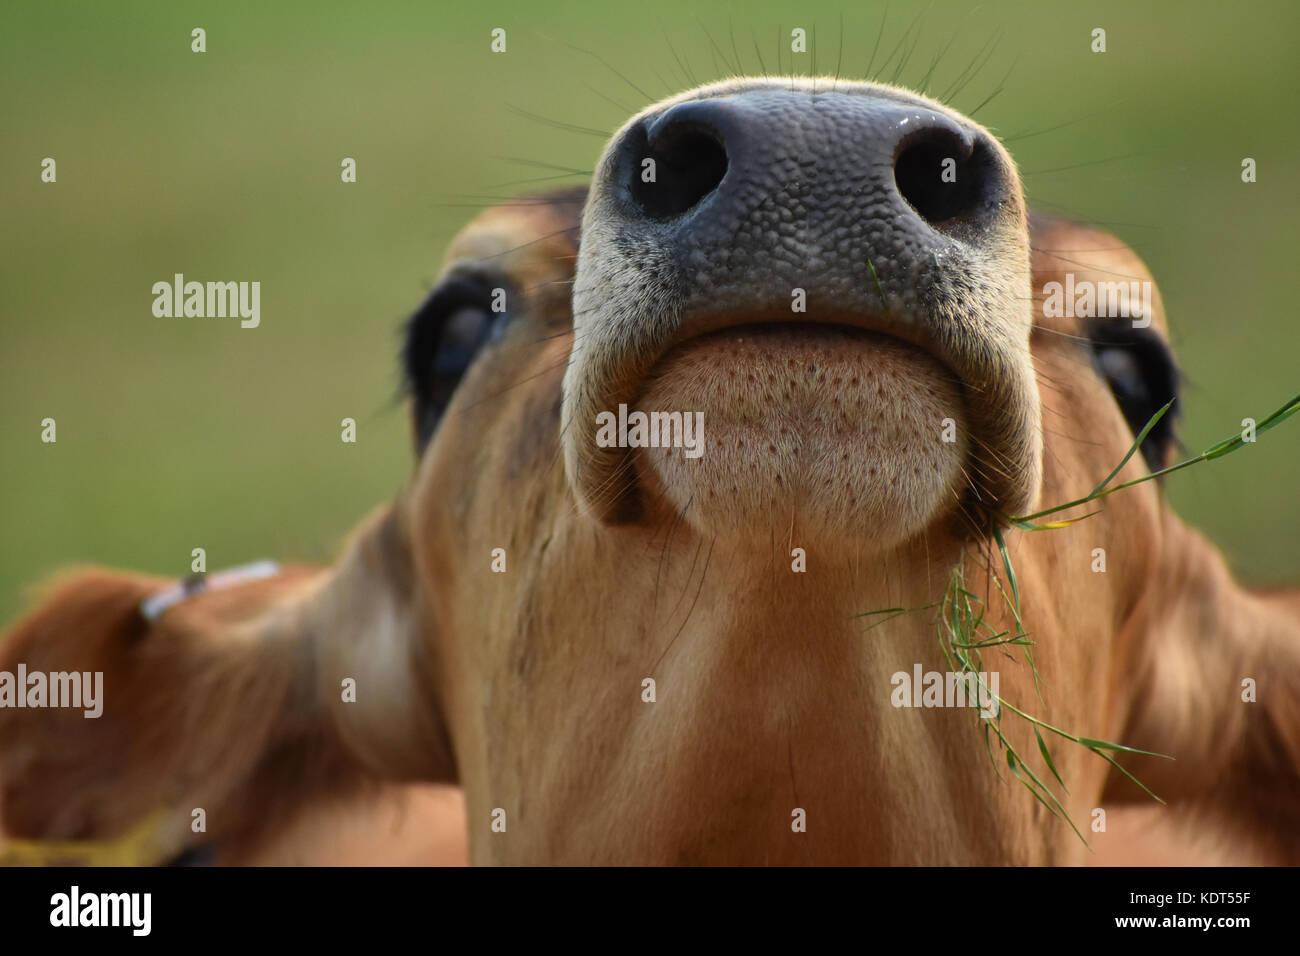 Kuh essen Gras mit dem Kopf in der Luft zeigt seine Nase und Mund Nahaufnahme. Die Kühe Kopf nach oben geneigt Stockbild